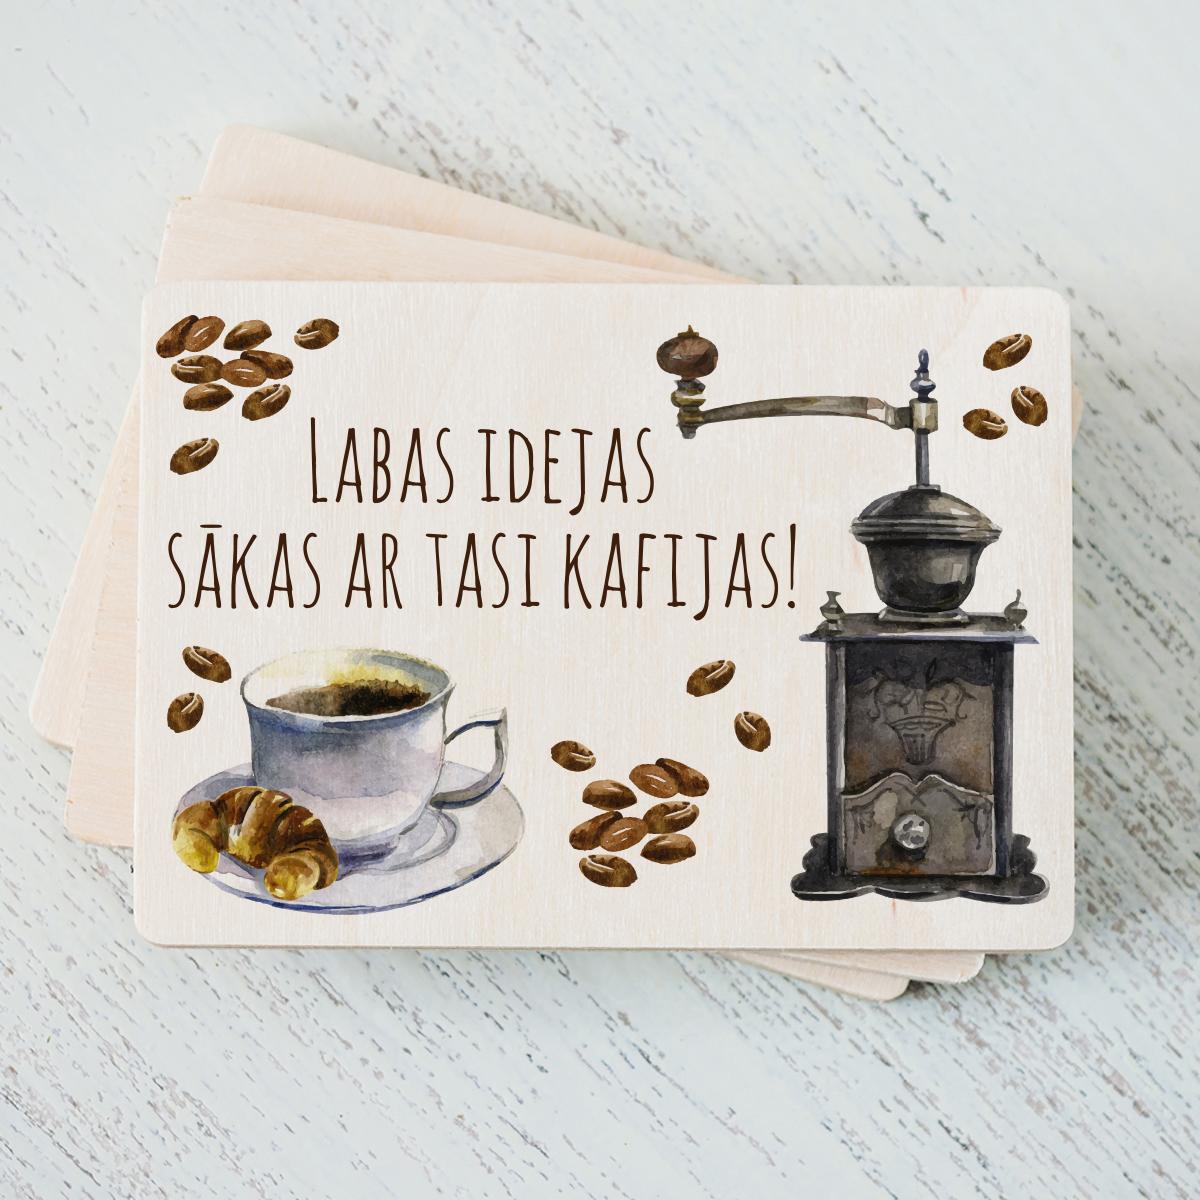 """Balts magnēts ar krāsainu kafijas tases zīmējumu un tekstu: """"Labas idejas sākas ar tasi kafijas!"""""""